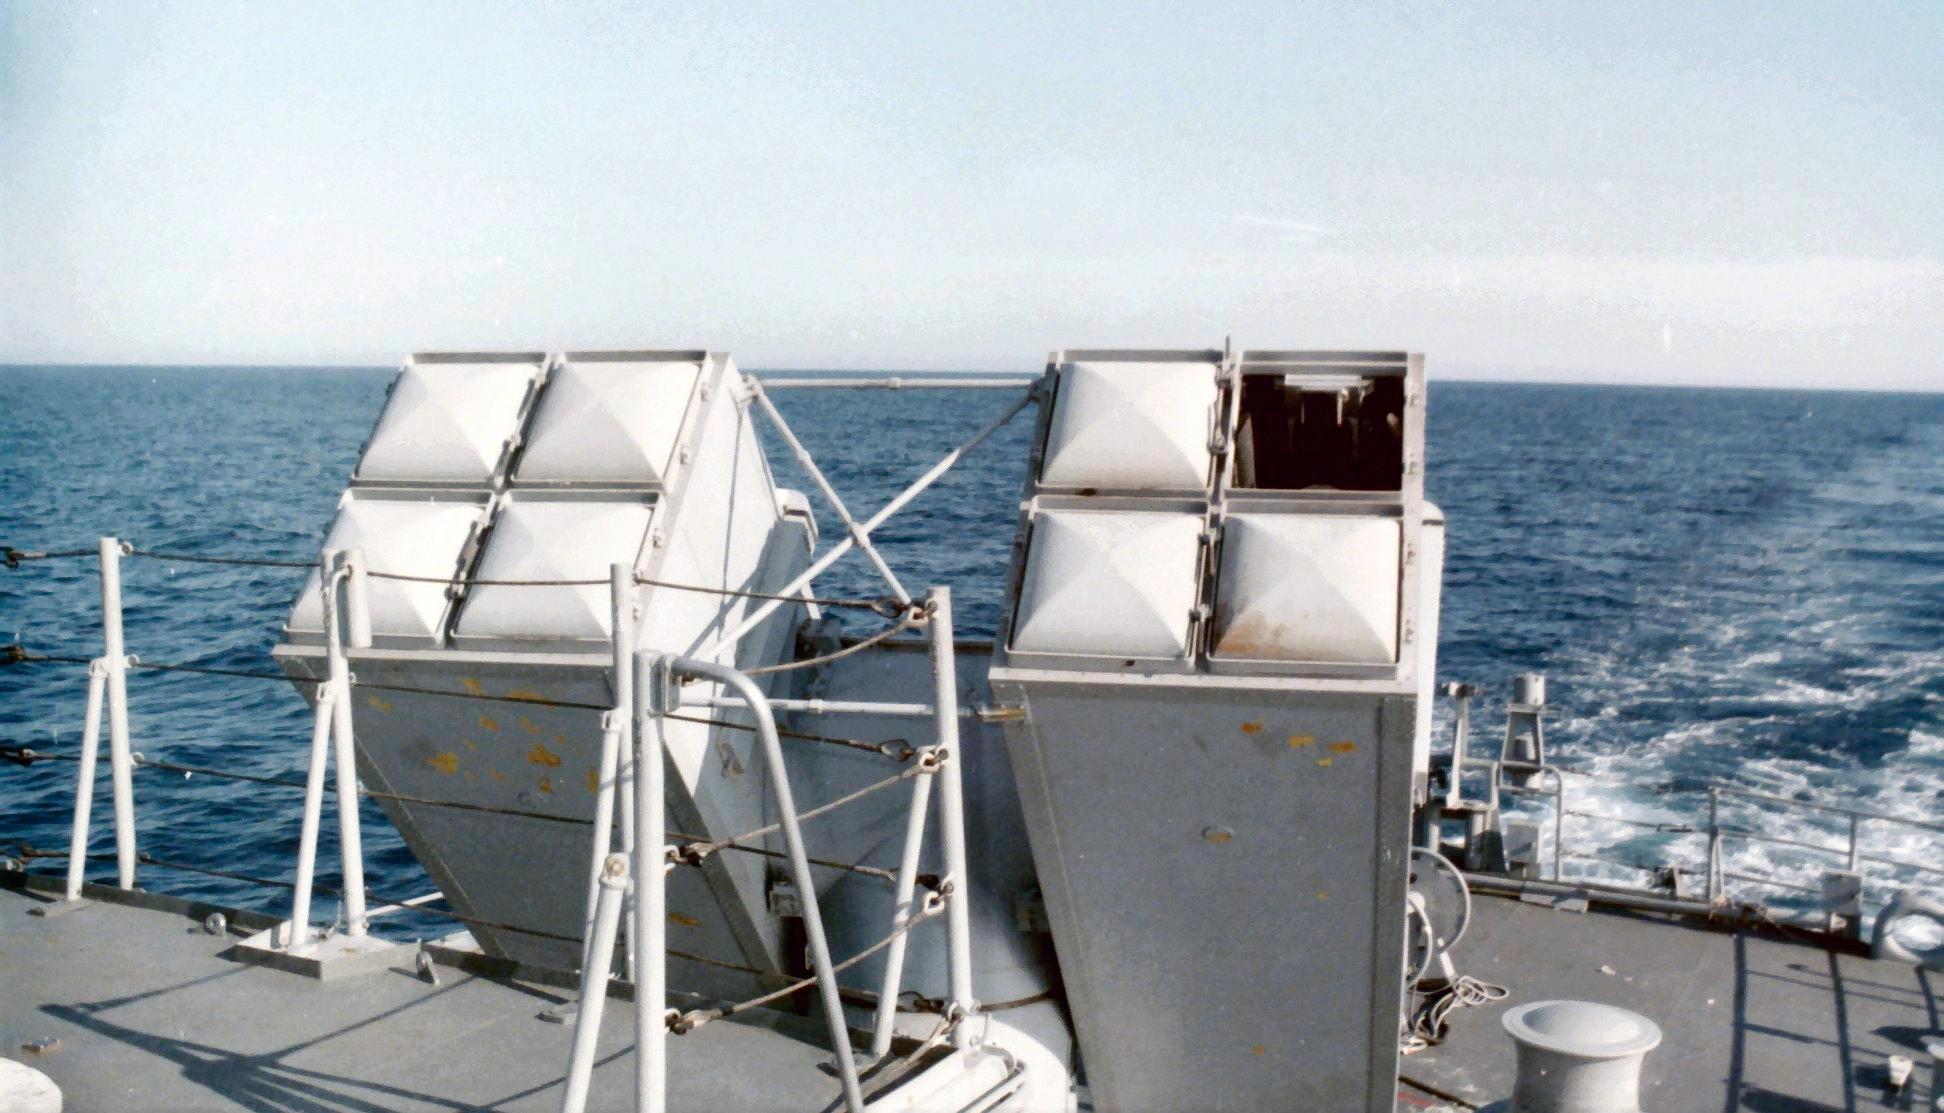 Royal Moroccan Navy Descubierta Frigate / Corvette Lt Cl Errahmani - Bâtiment École - Page 4 Clipb507